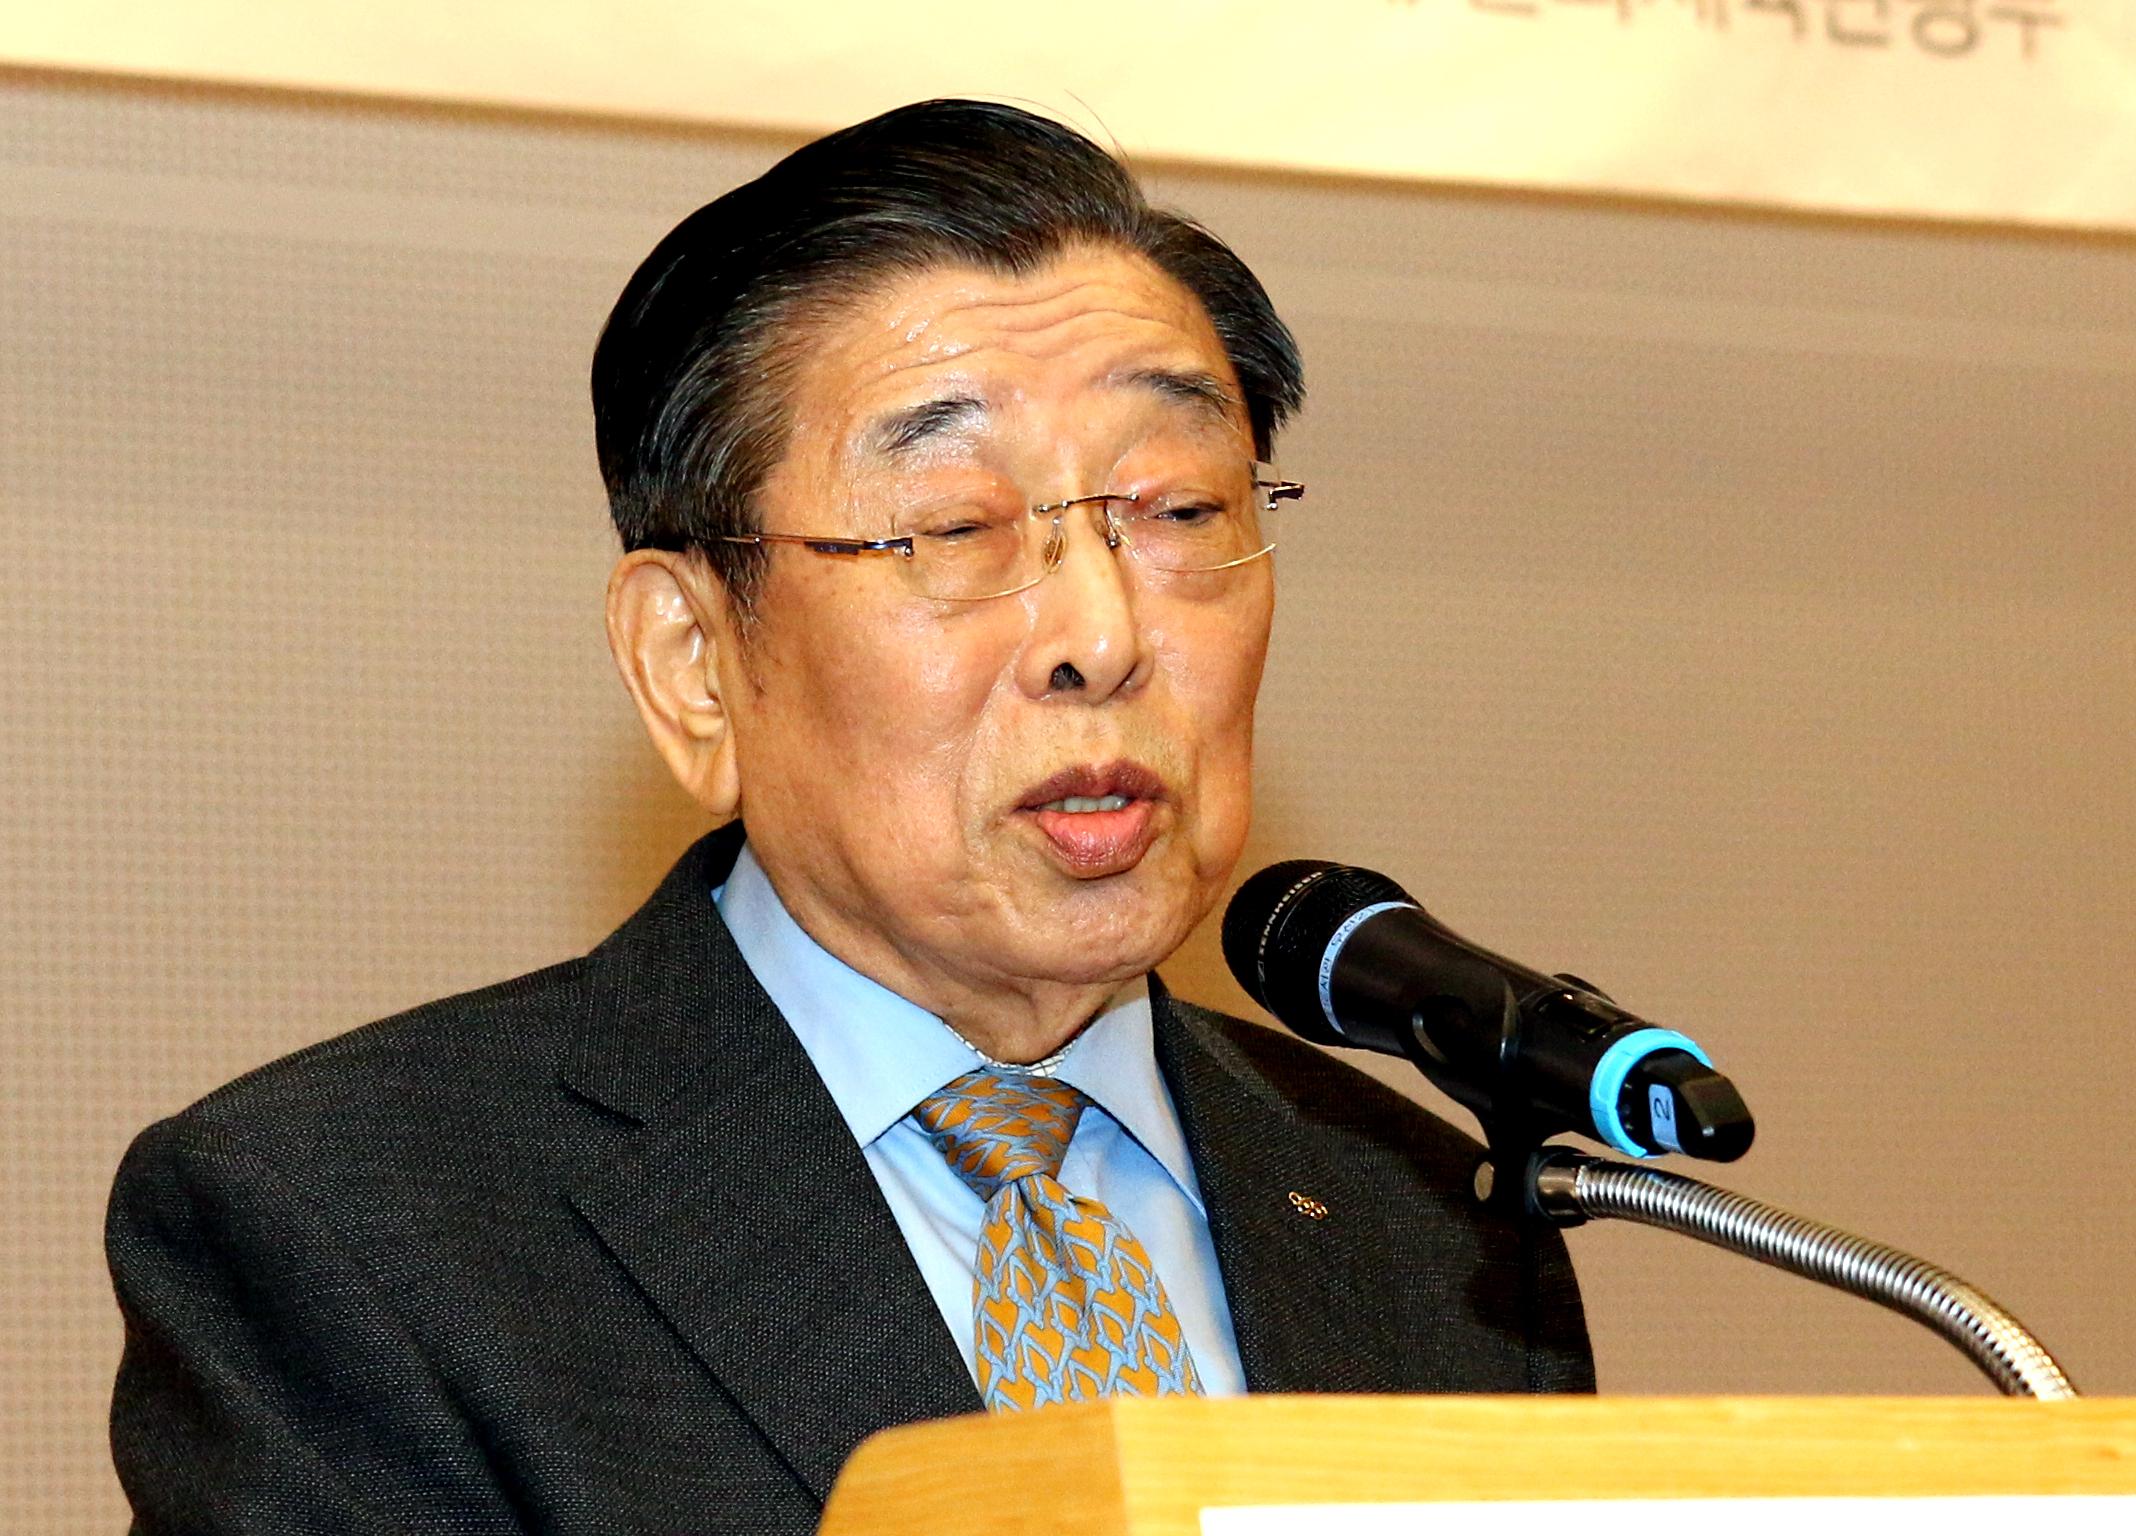 Dr. Un-Yong Kim